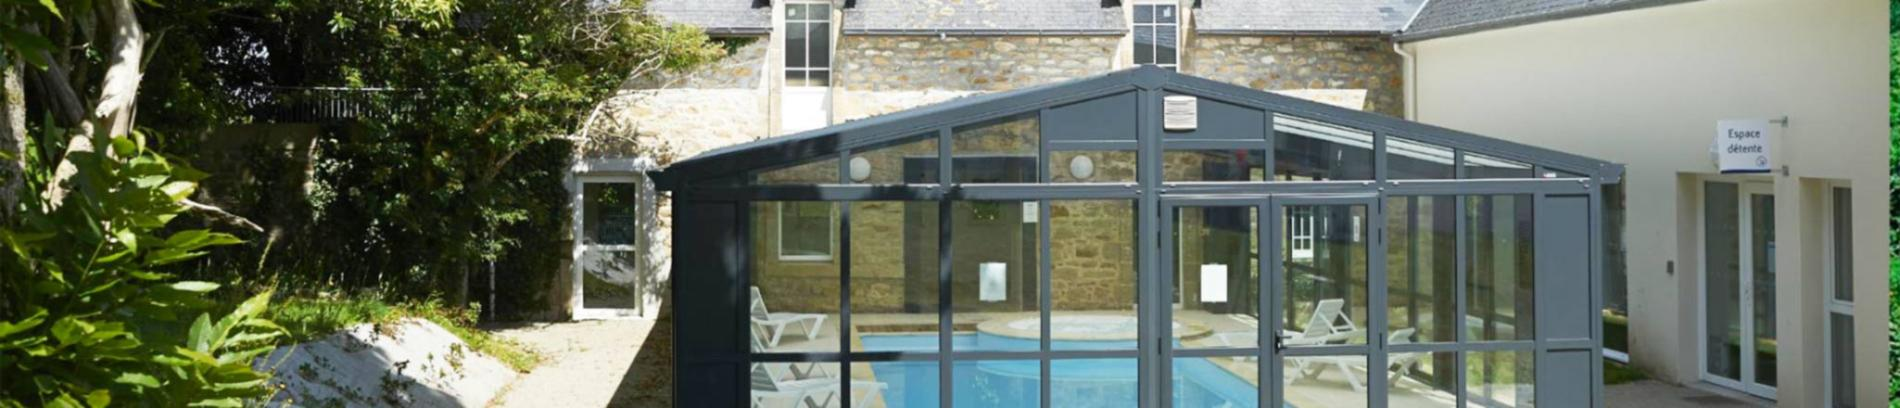 Slide piscine couverte de la résidence